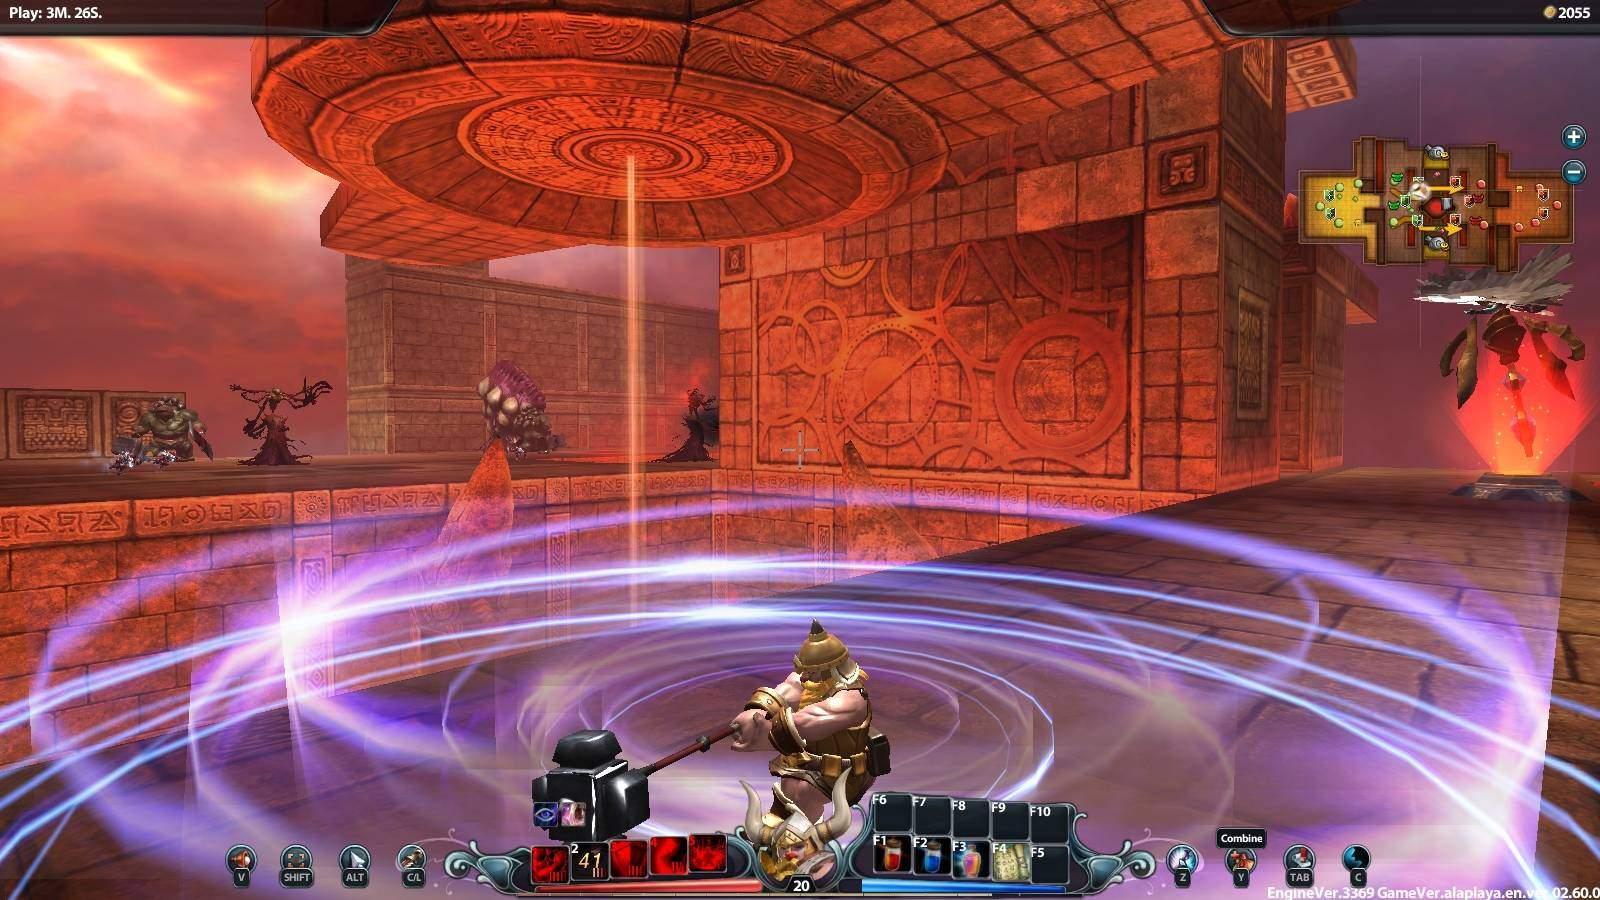 Klicke auf die Grafik für eine größere AnsichtName:LOCO - Land of Chaos Online_Orka_Screenshot_01.jpgHits:155Größe:192,1 KBID:3854